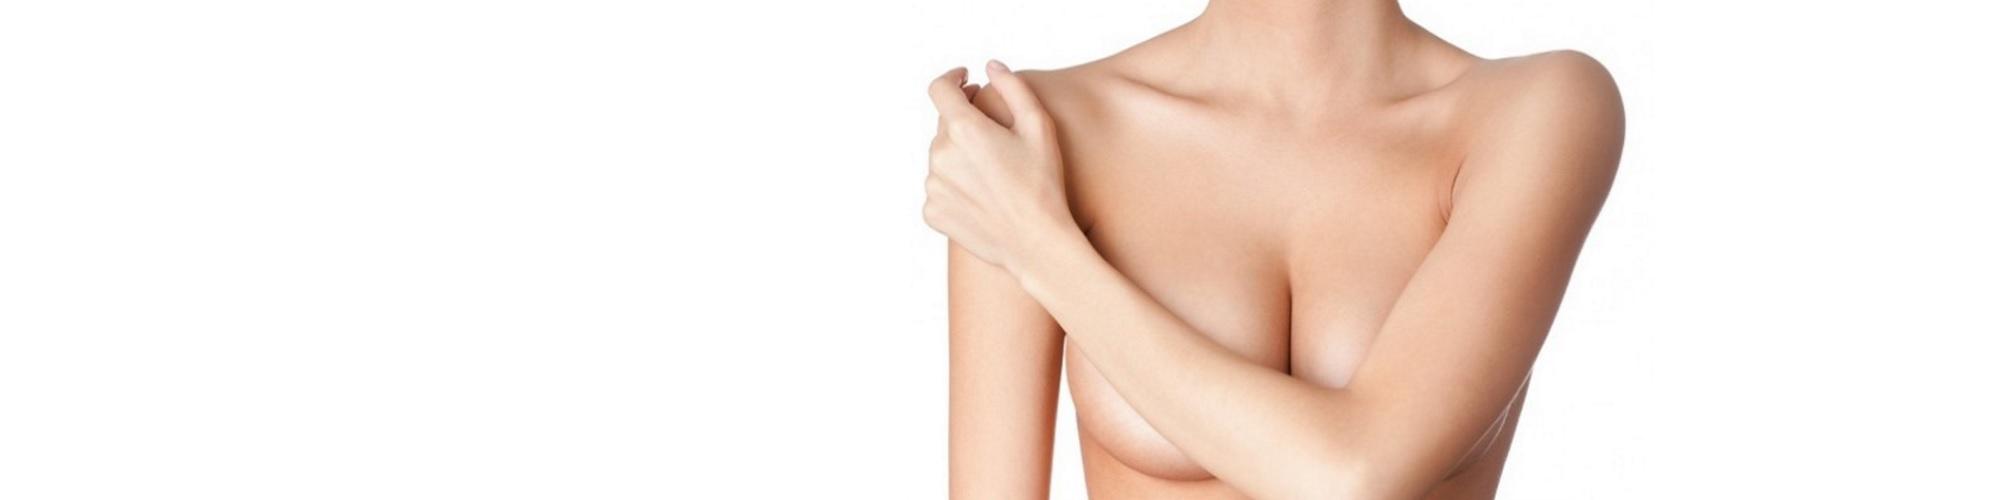 mastopessi-catania-chirurgia-plastica-youplast